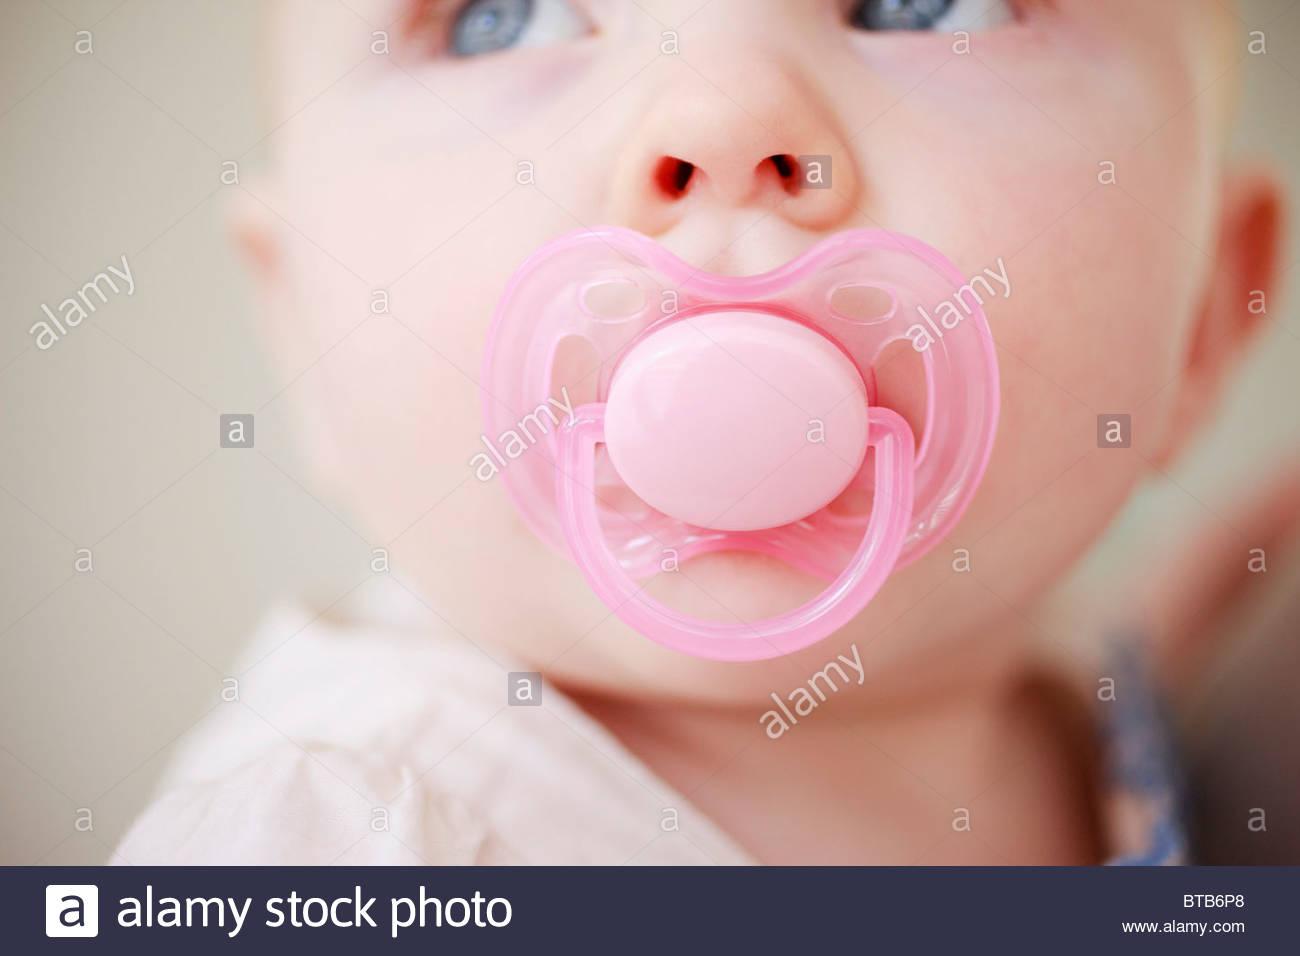 Nahaufnahme von Baby mit rosa Schnuller Stockbild